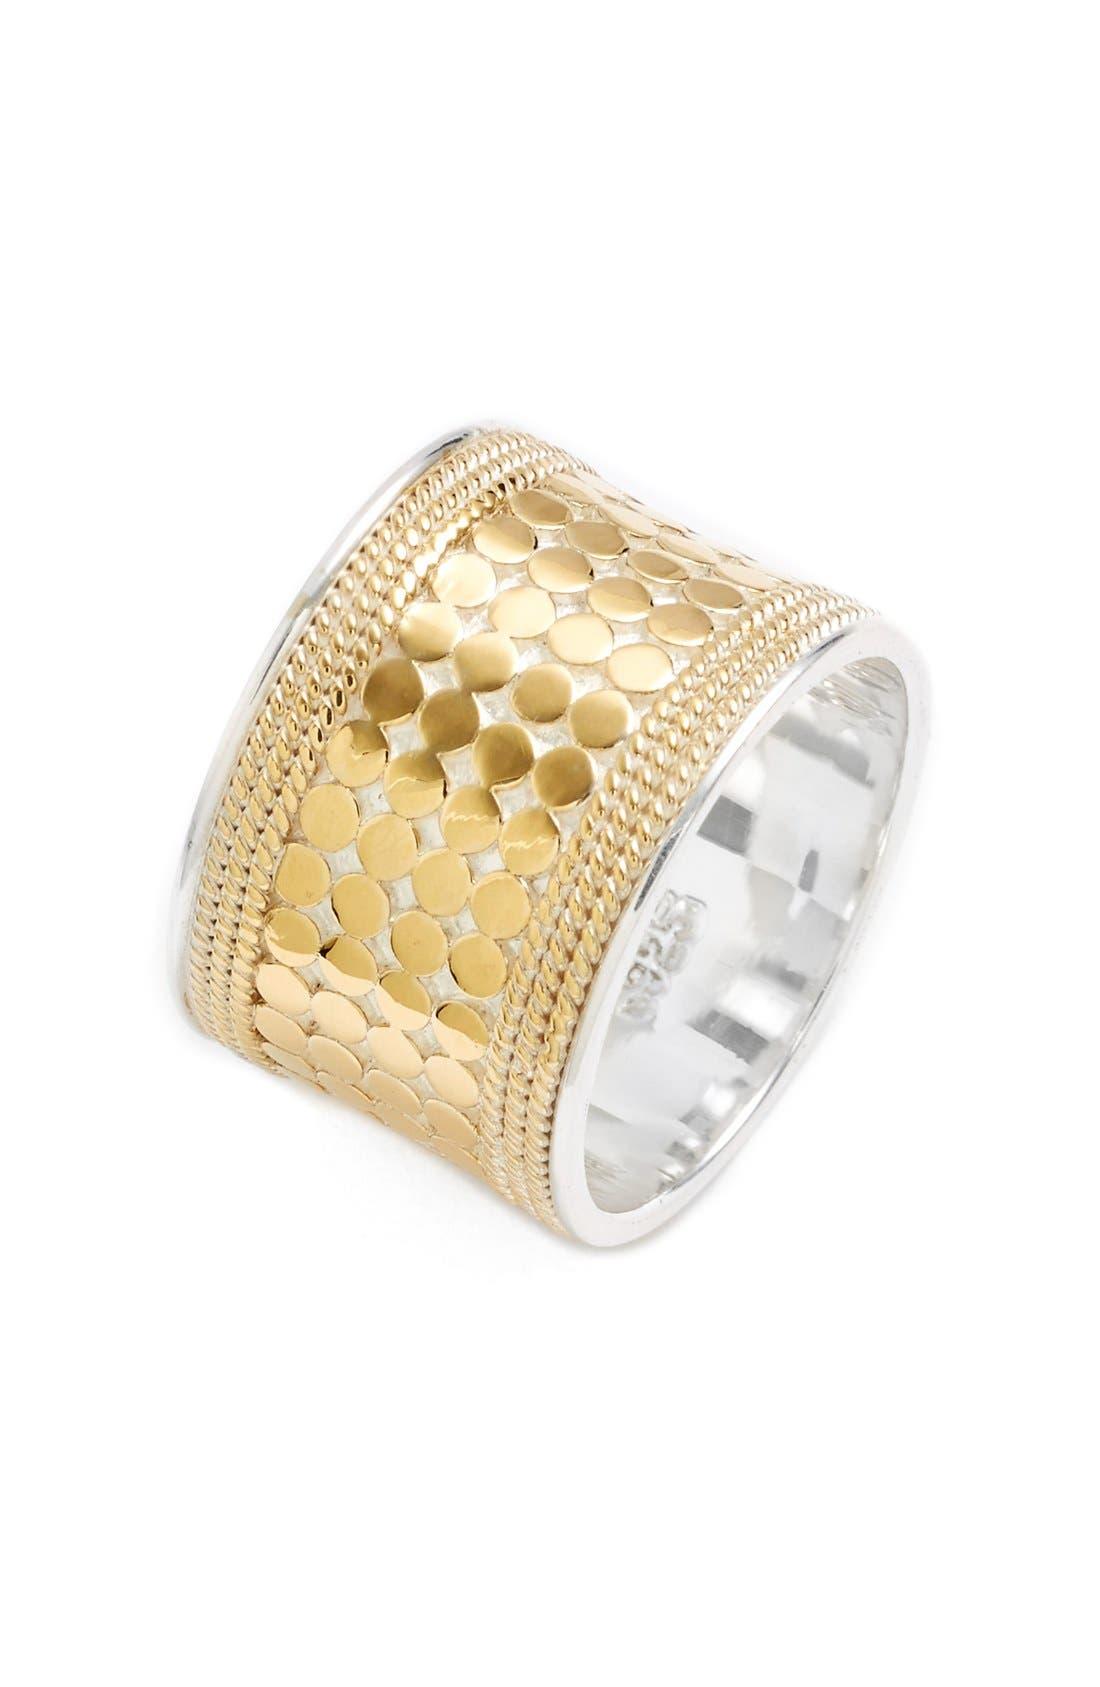 'Gili' Cigar Band Ring,                             Main thumbnail 1, color,                             GILI - SILVER / GOLD